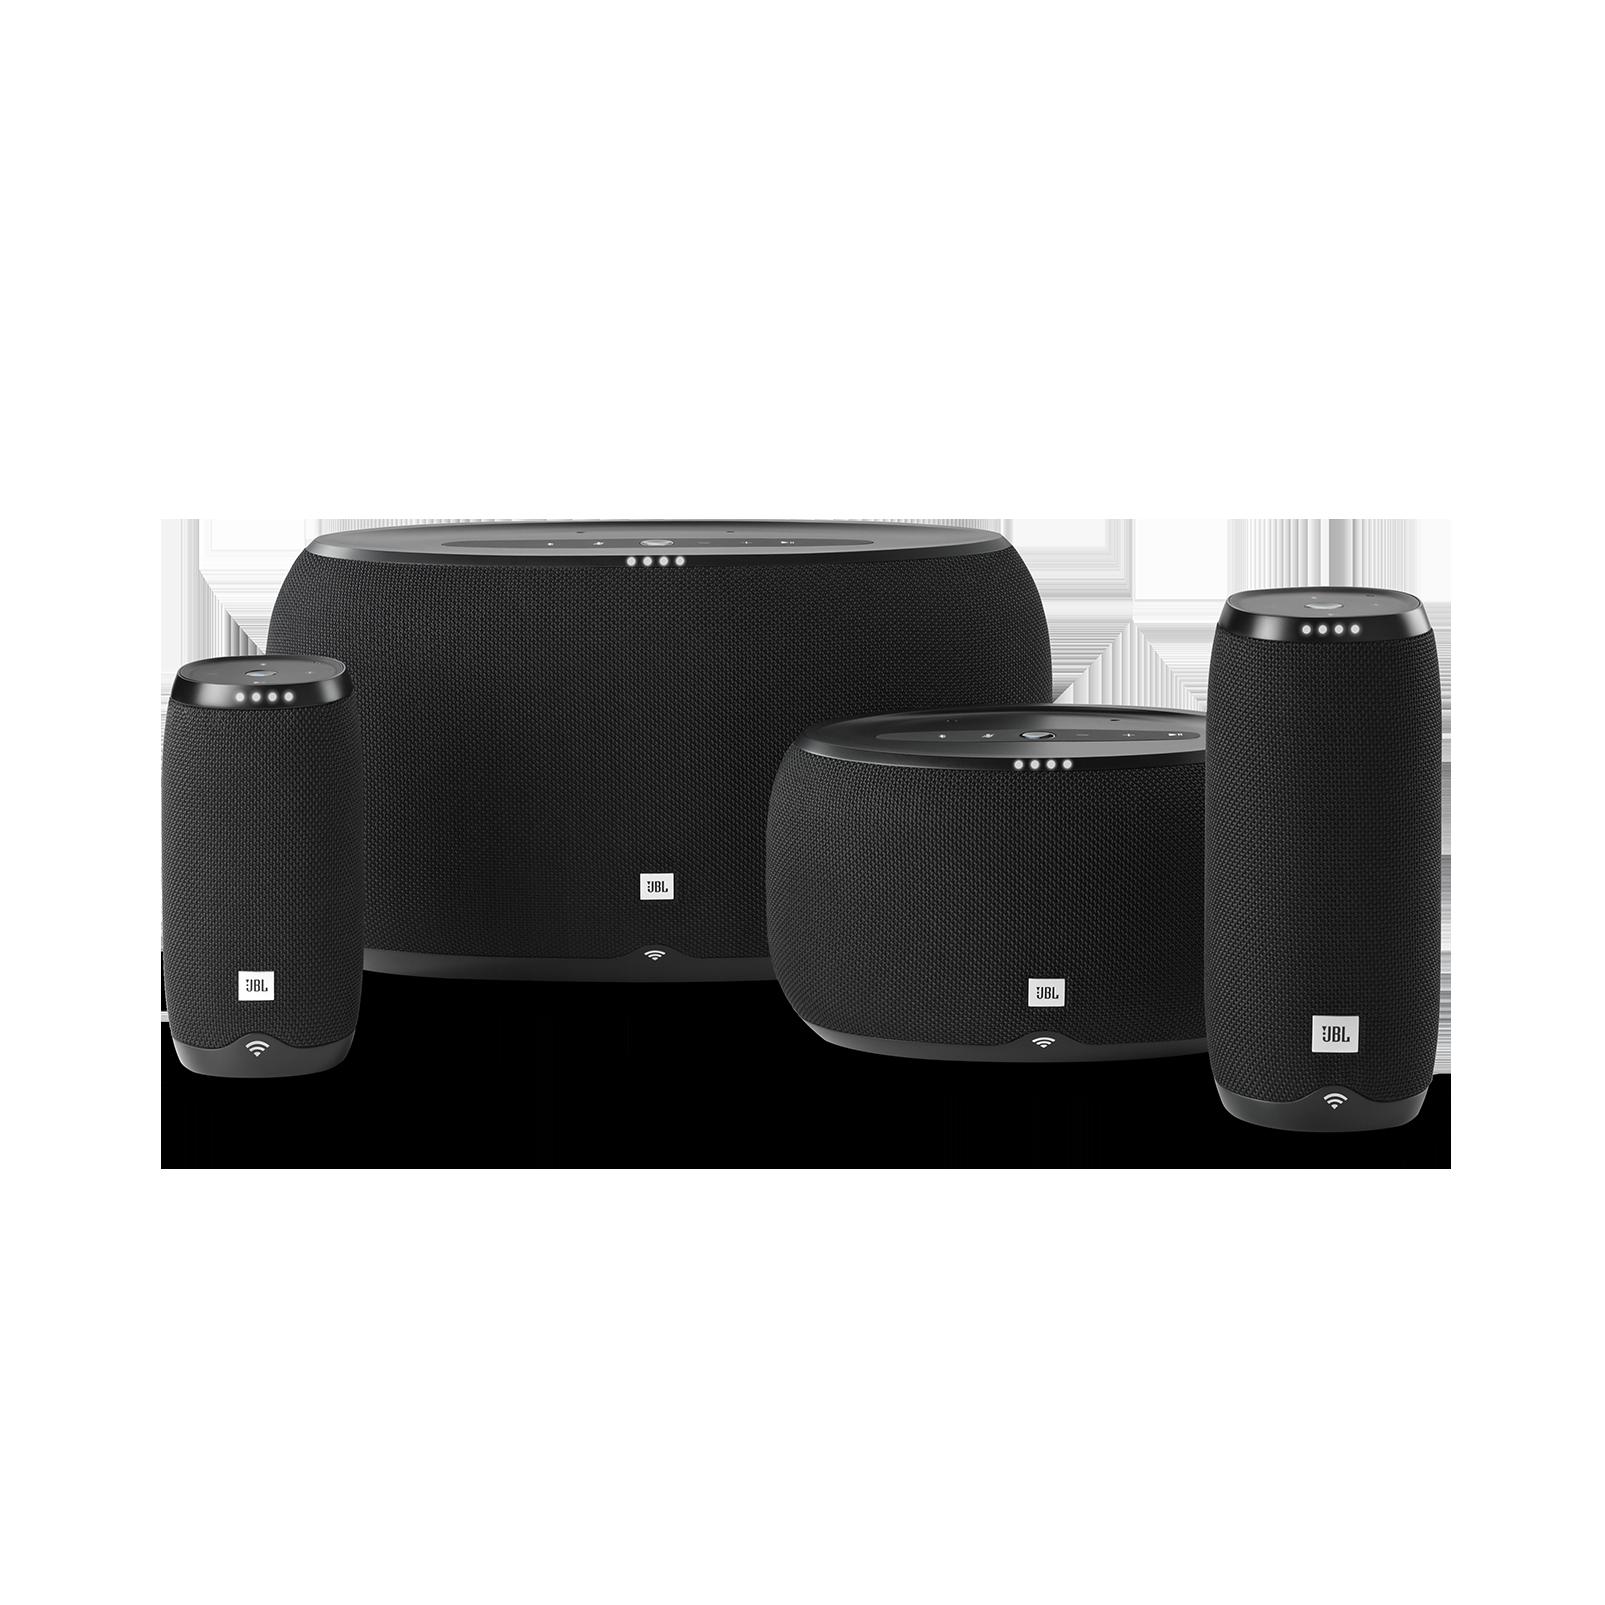 JBL Link 500 - Black - Voice-activated speaker - Detailshot 2